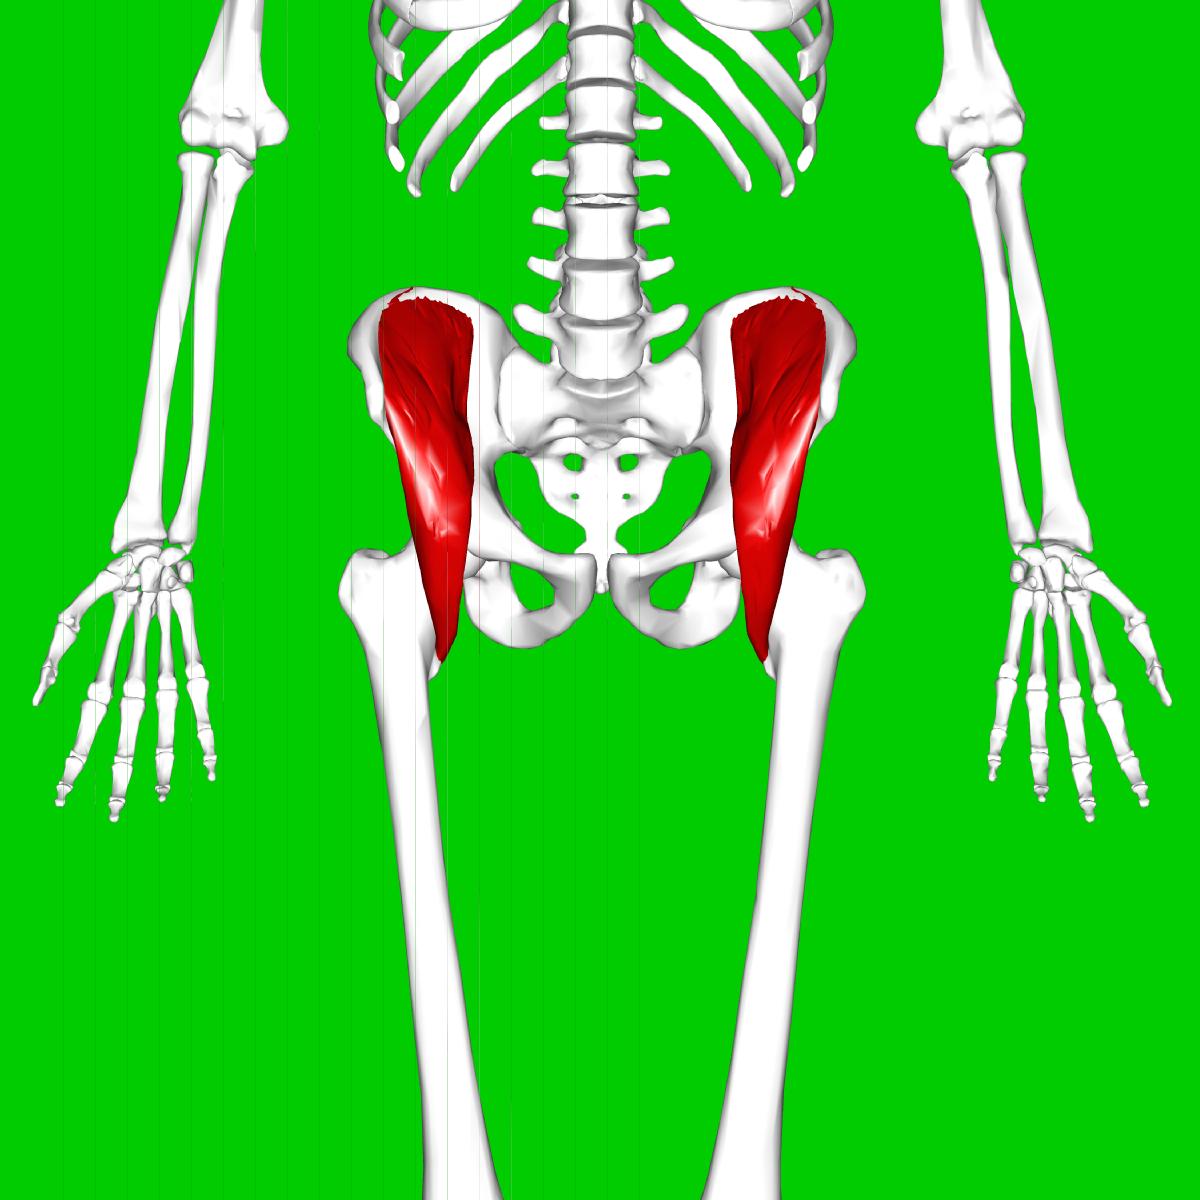 Músculo ilíaco - Wikipedia, la enciclopedia libre